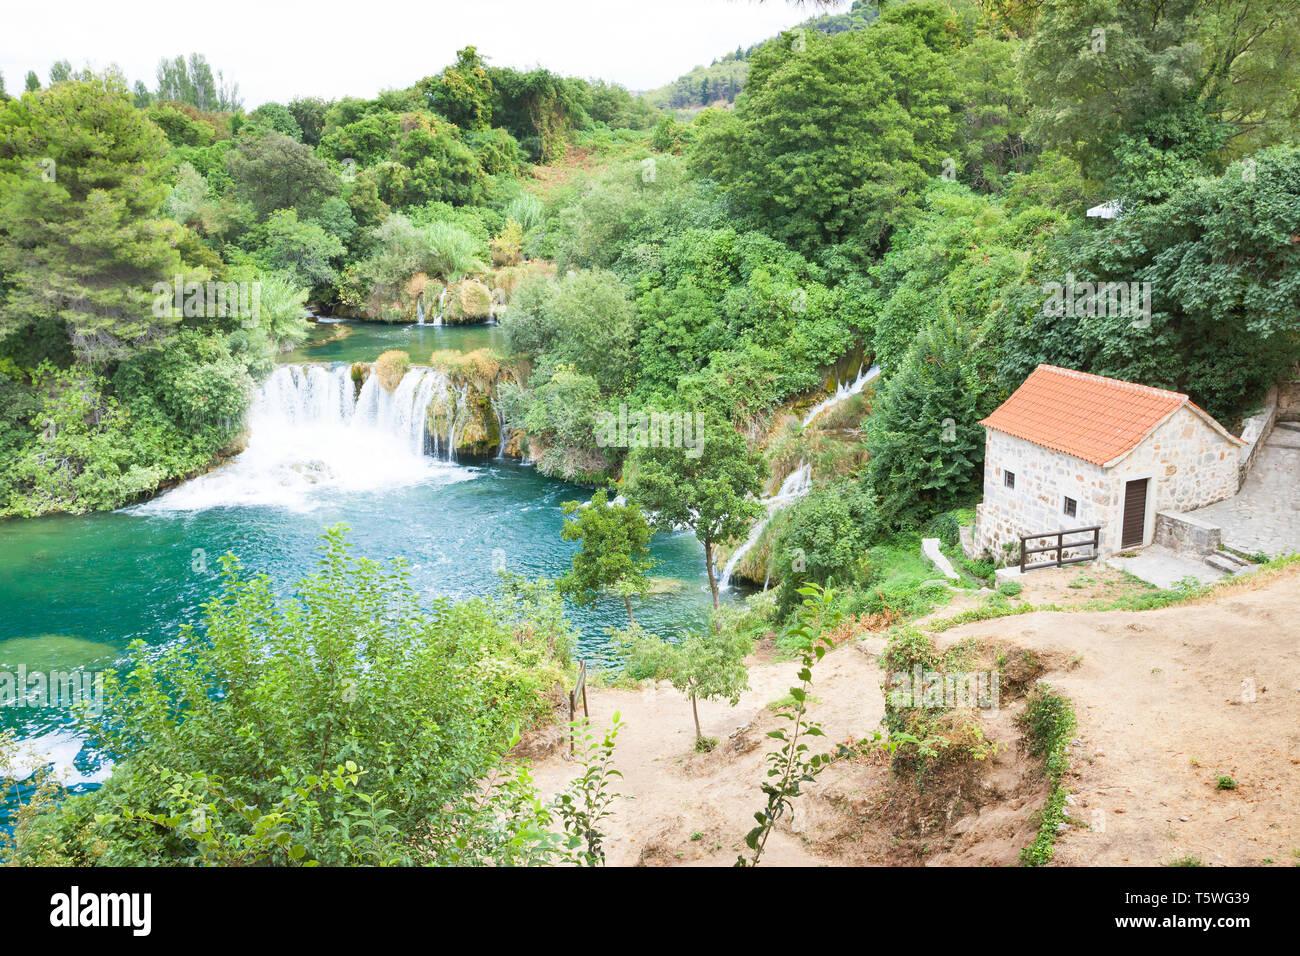 Krka, Sibenik, Kroatien, Europa - Leben in der Natur und fernab von Stress Stockfoto